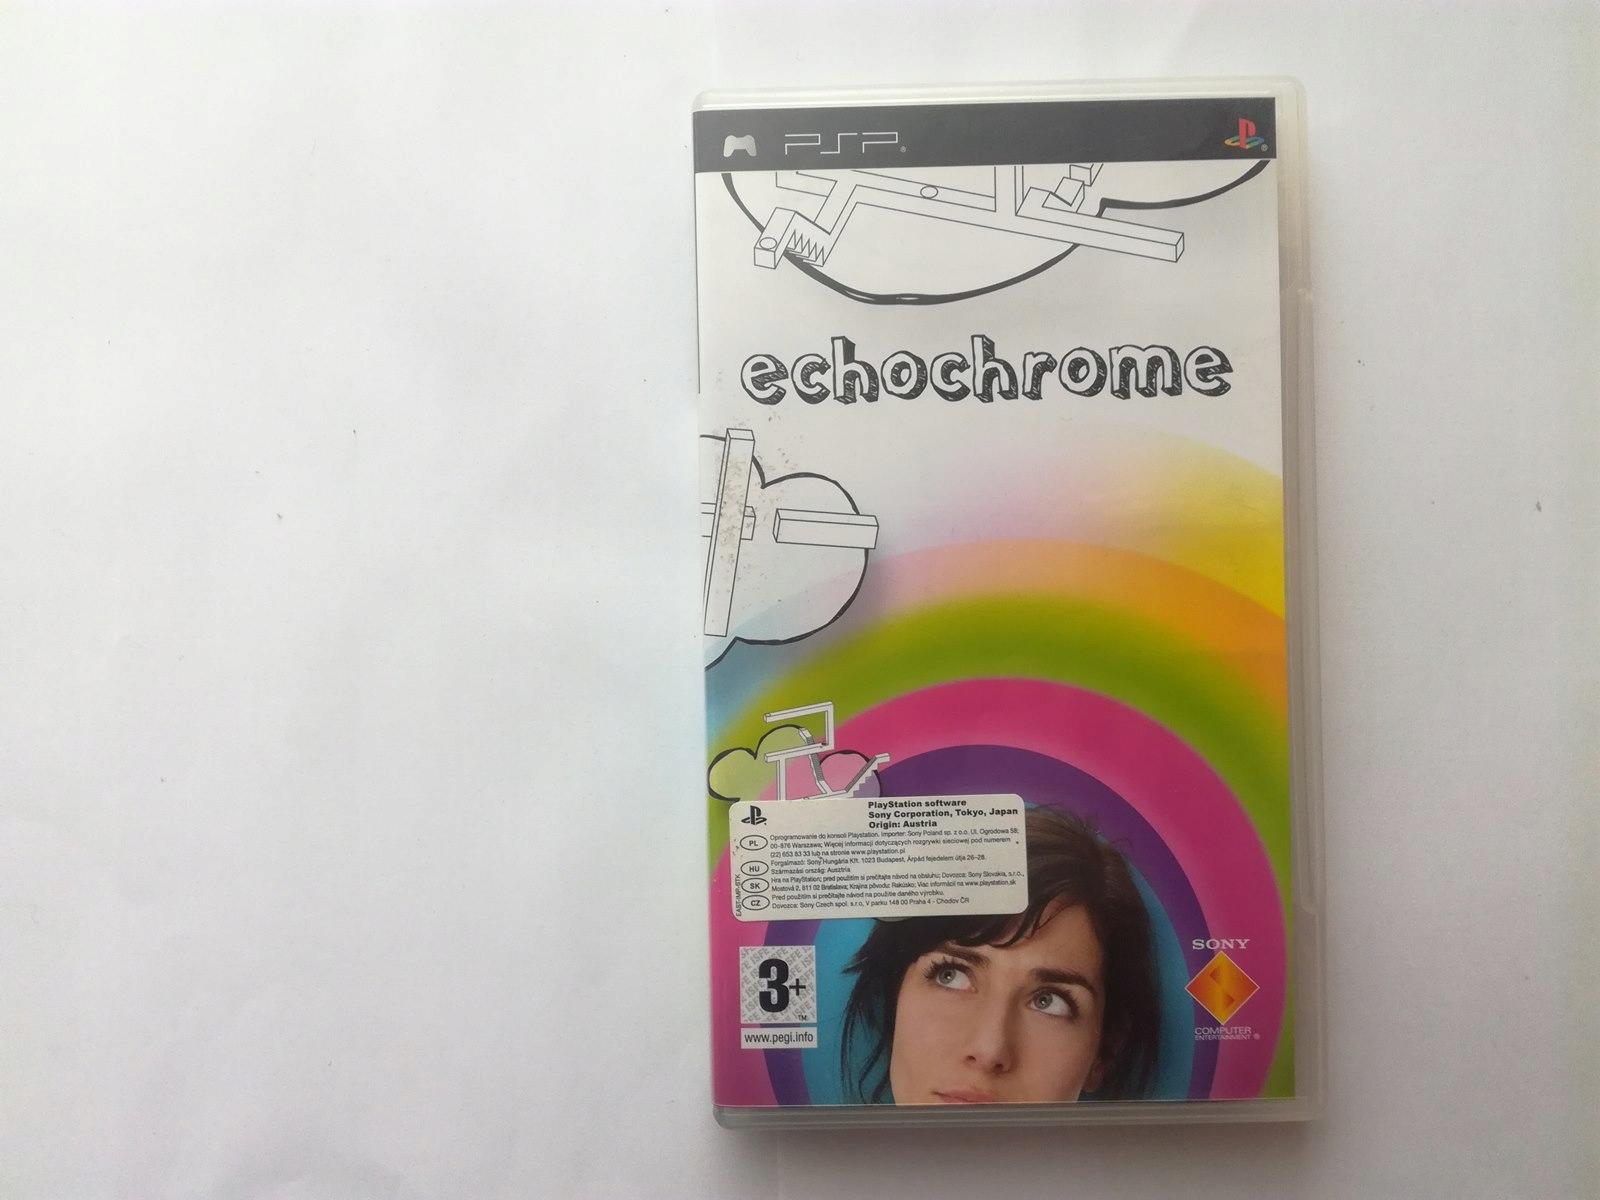 Echochrome PSP od 1 zł bcm zobacz!